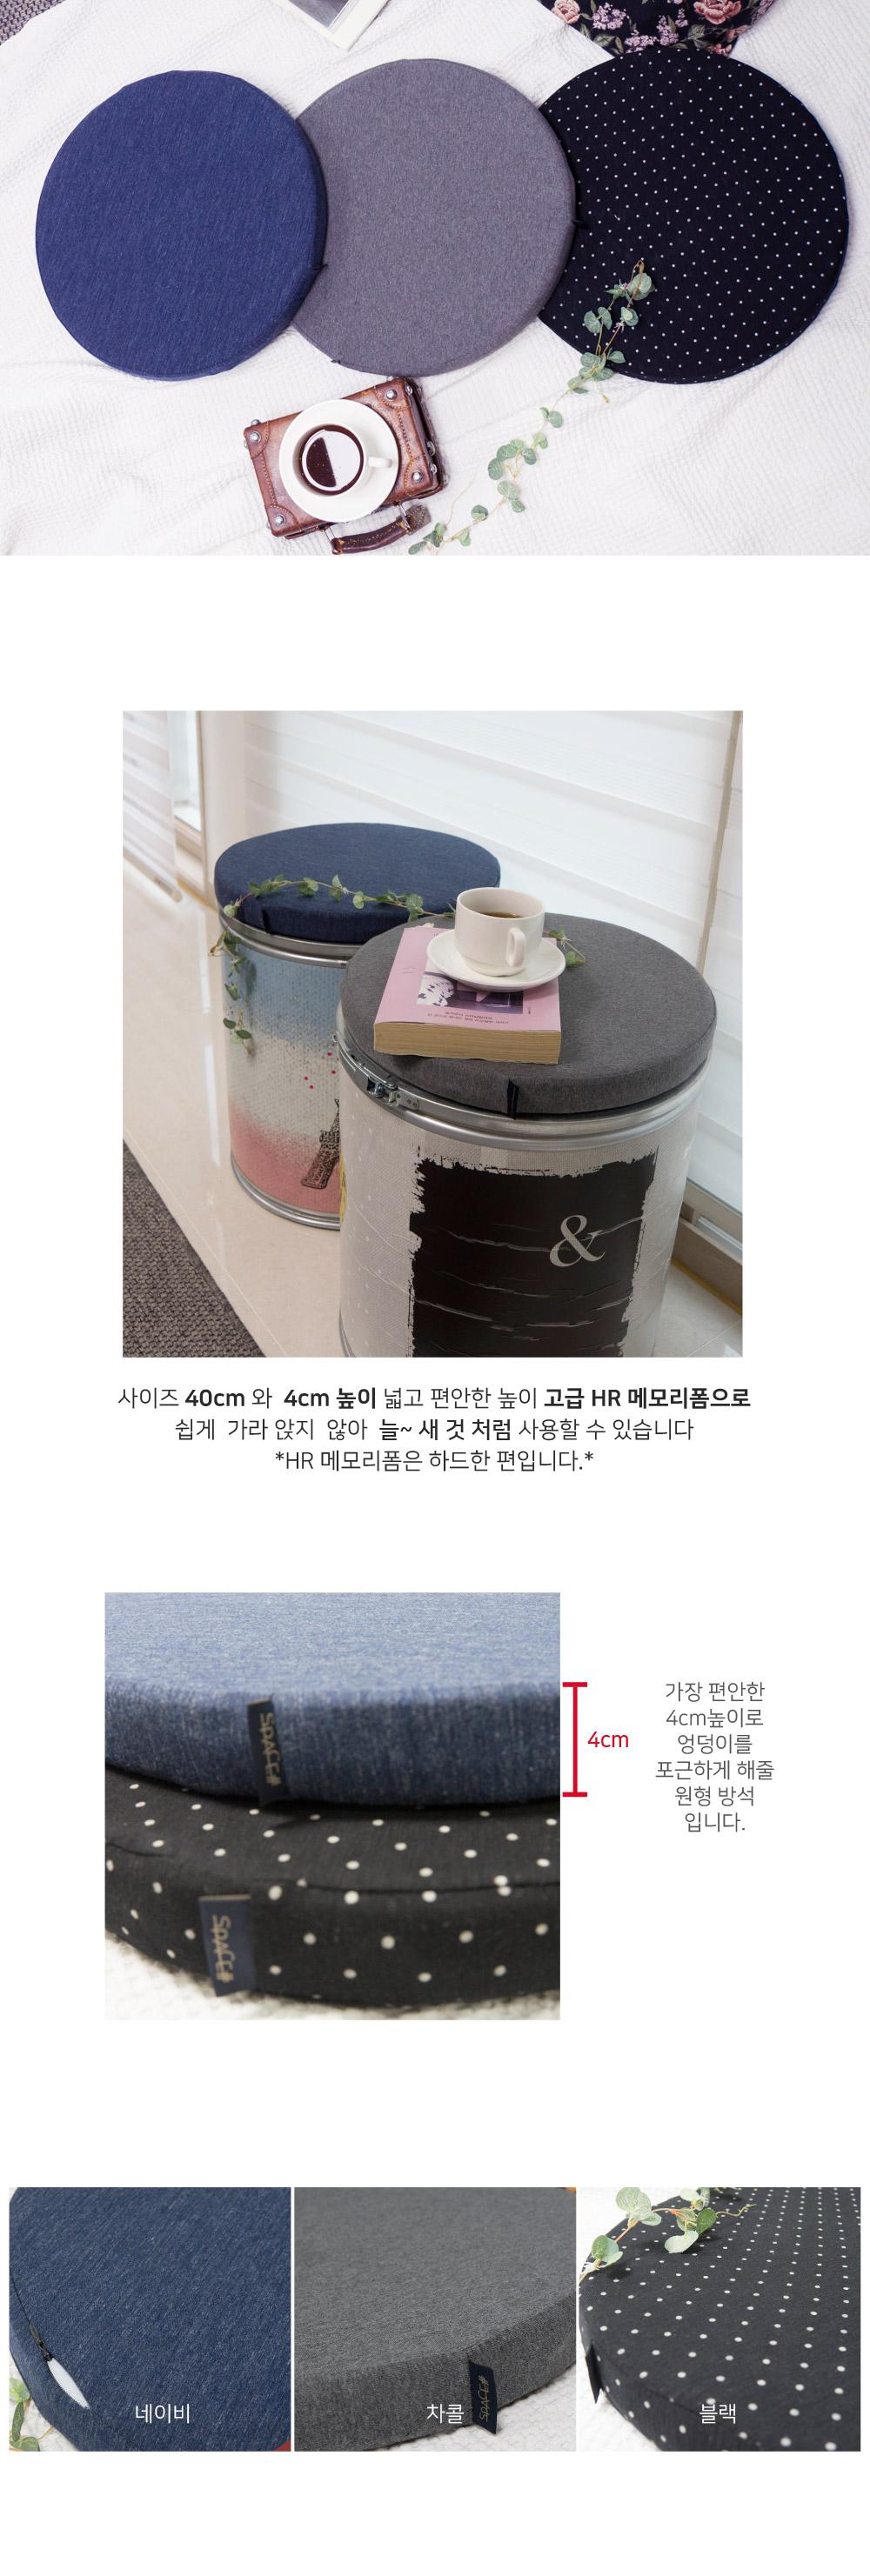 프리미엄 원형방석 4cm 하드HR메모리폼 방석 속커버포함 - 스페이스샵, 12,450원, 방석, 원형